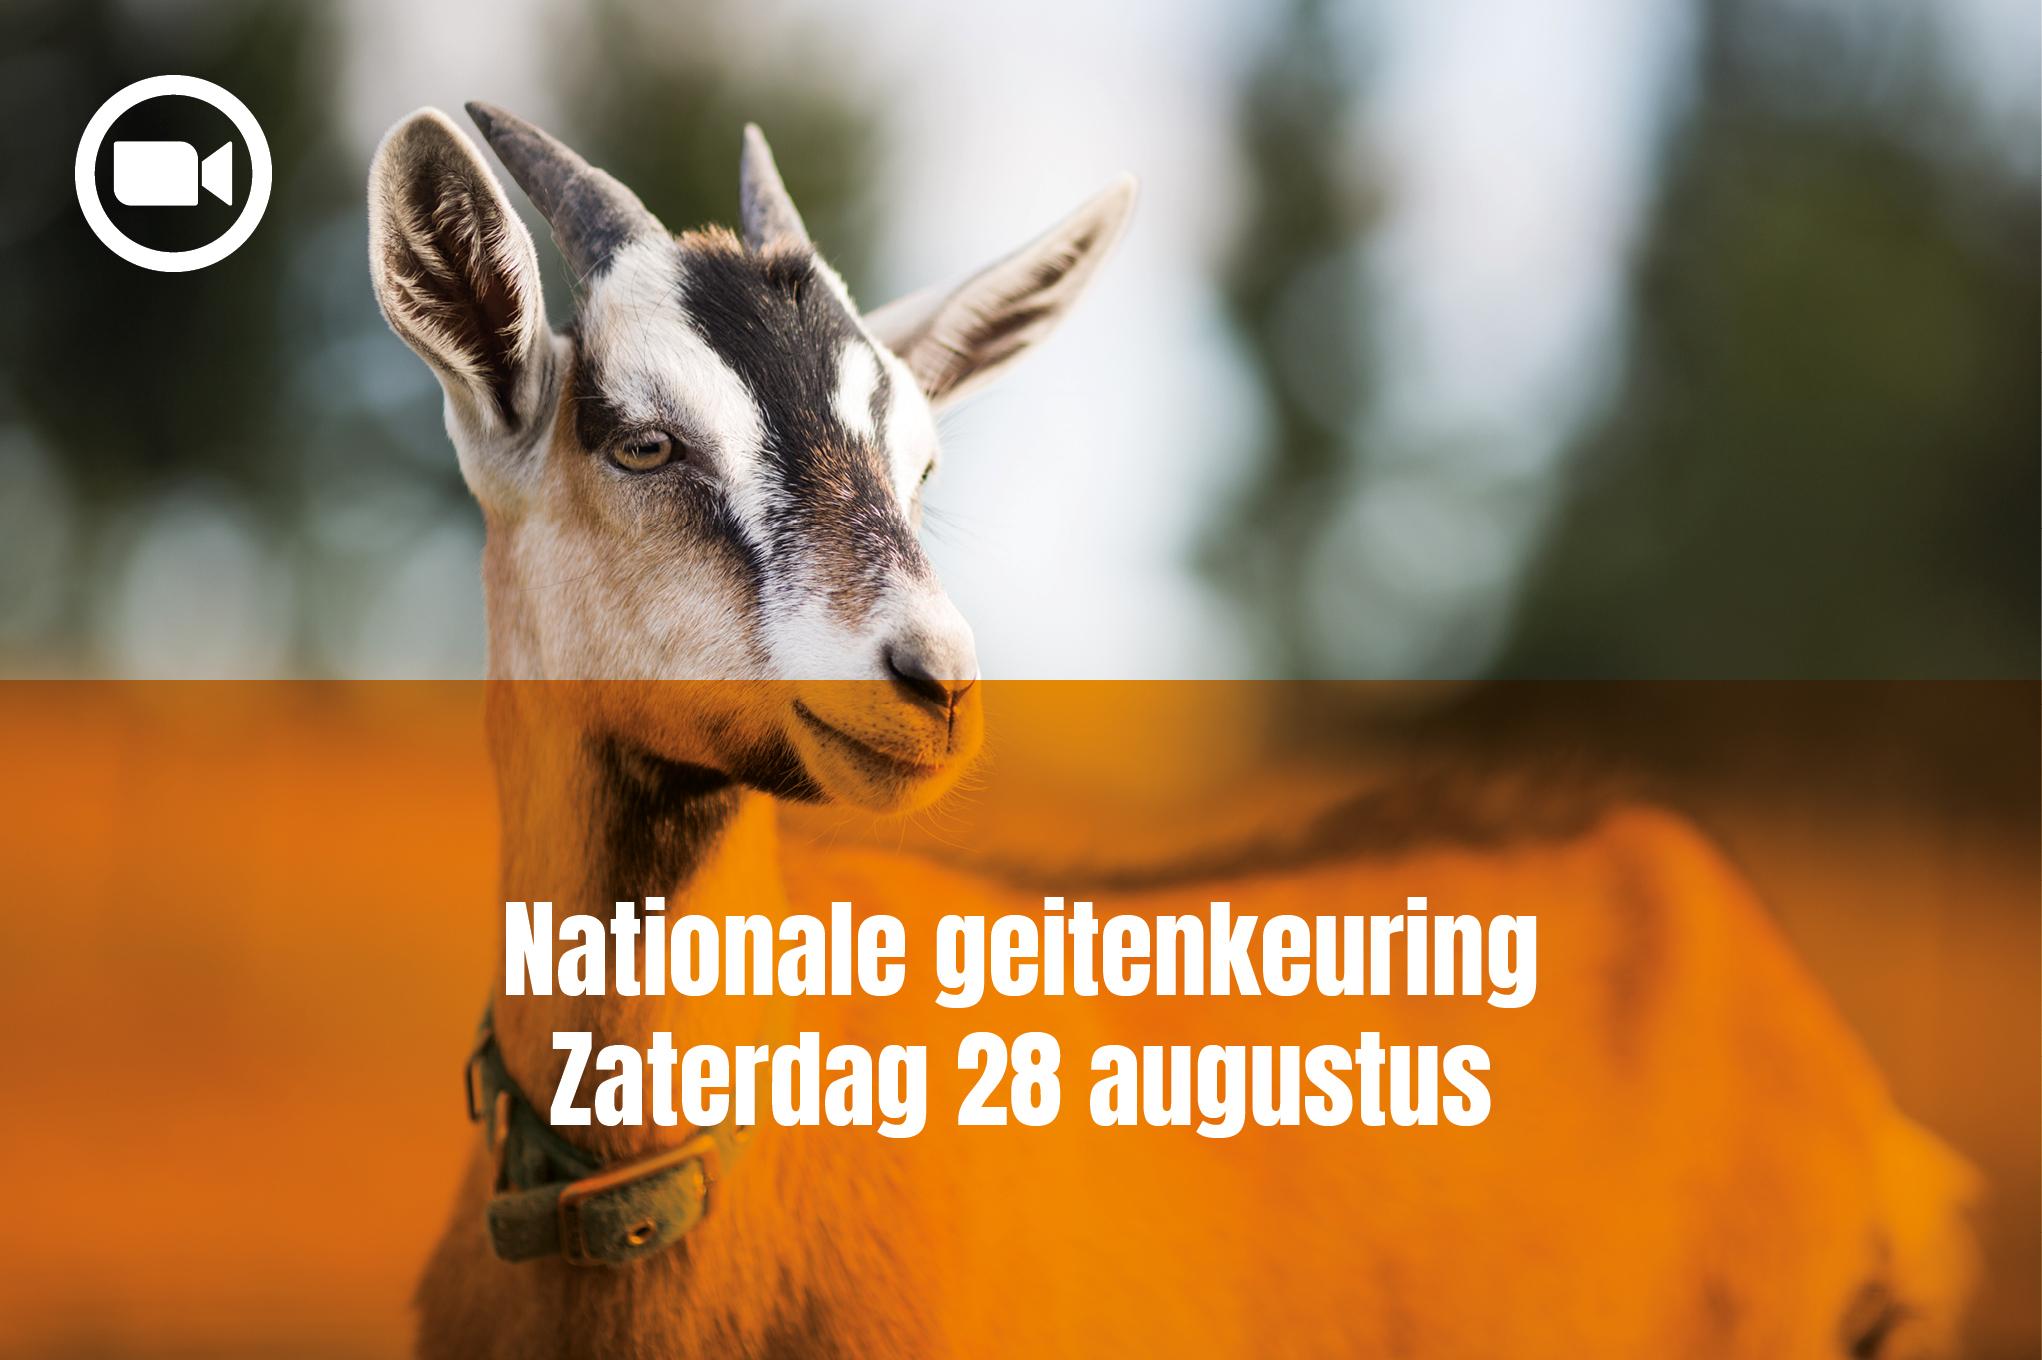 Nationale geiten keuring zaterdag 28 augustus 2021